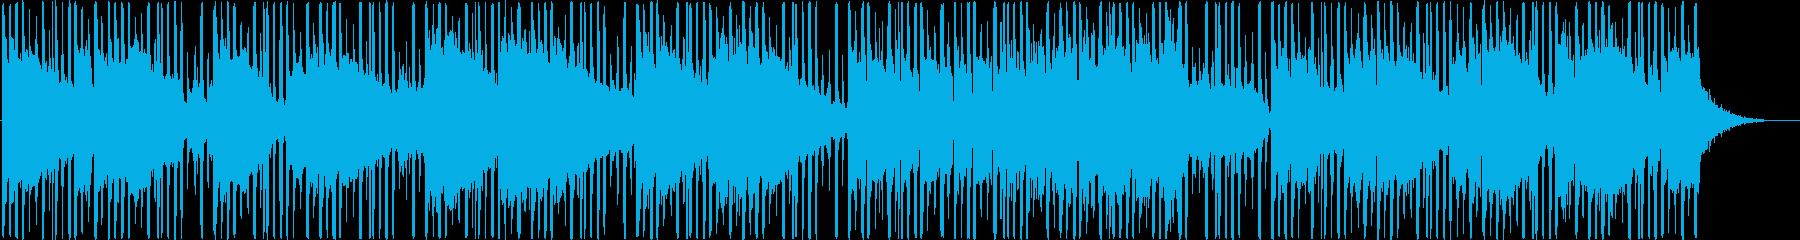 怪しい雰囲気満載のエレクトリックサウンドの再生済みの波形